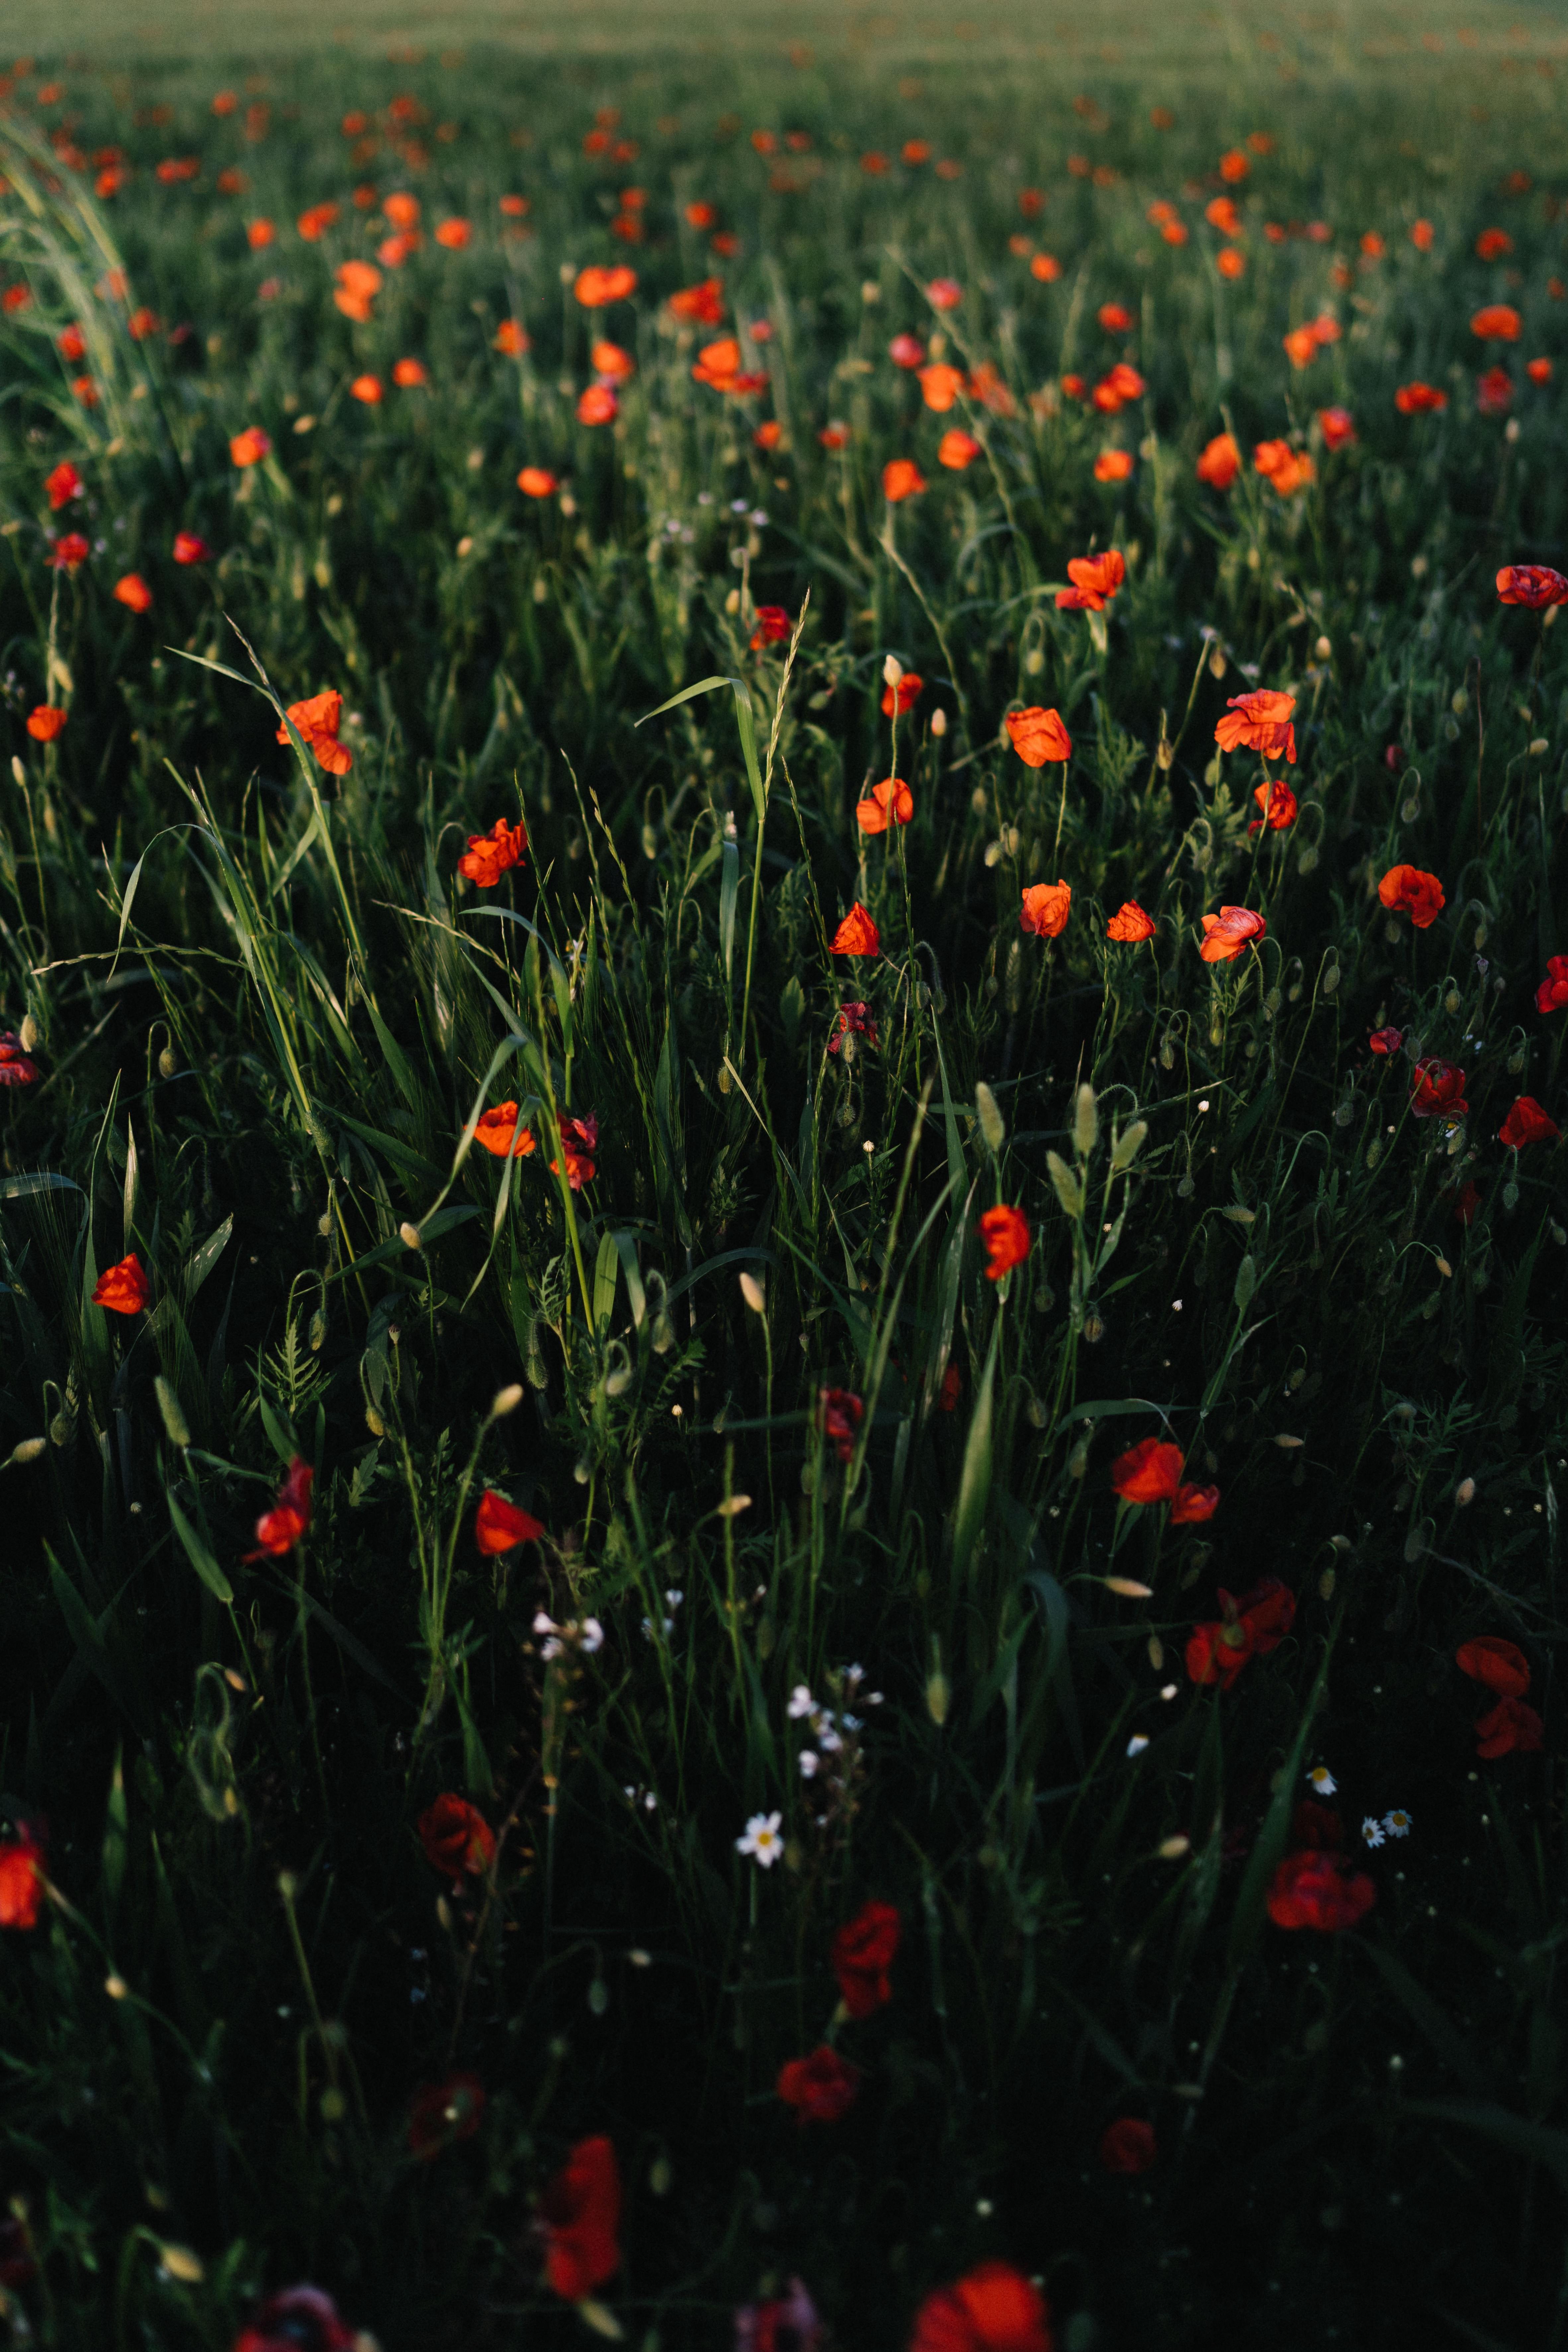 83383 скачать обои Цветы, Маки, Поле, Трава, Простор - заставки и картинки бесплатно